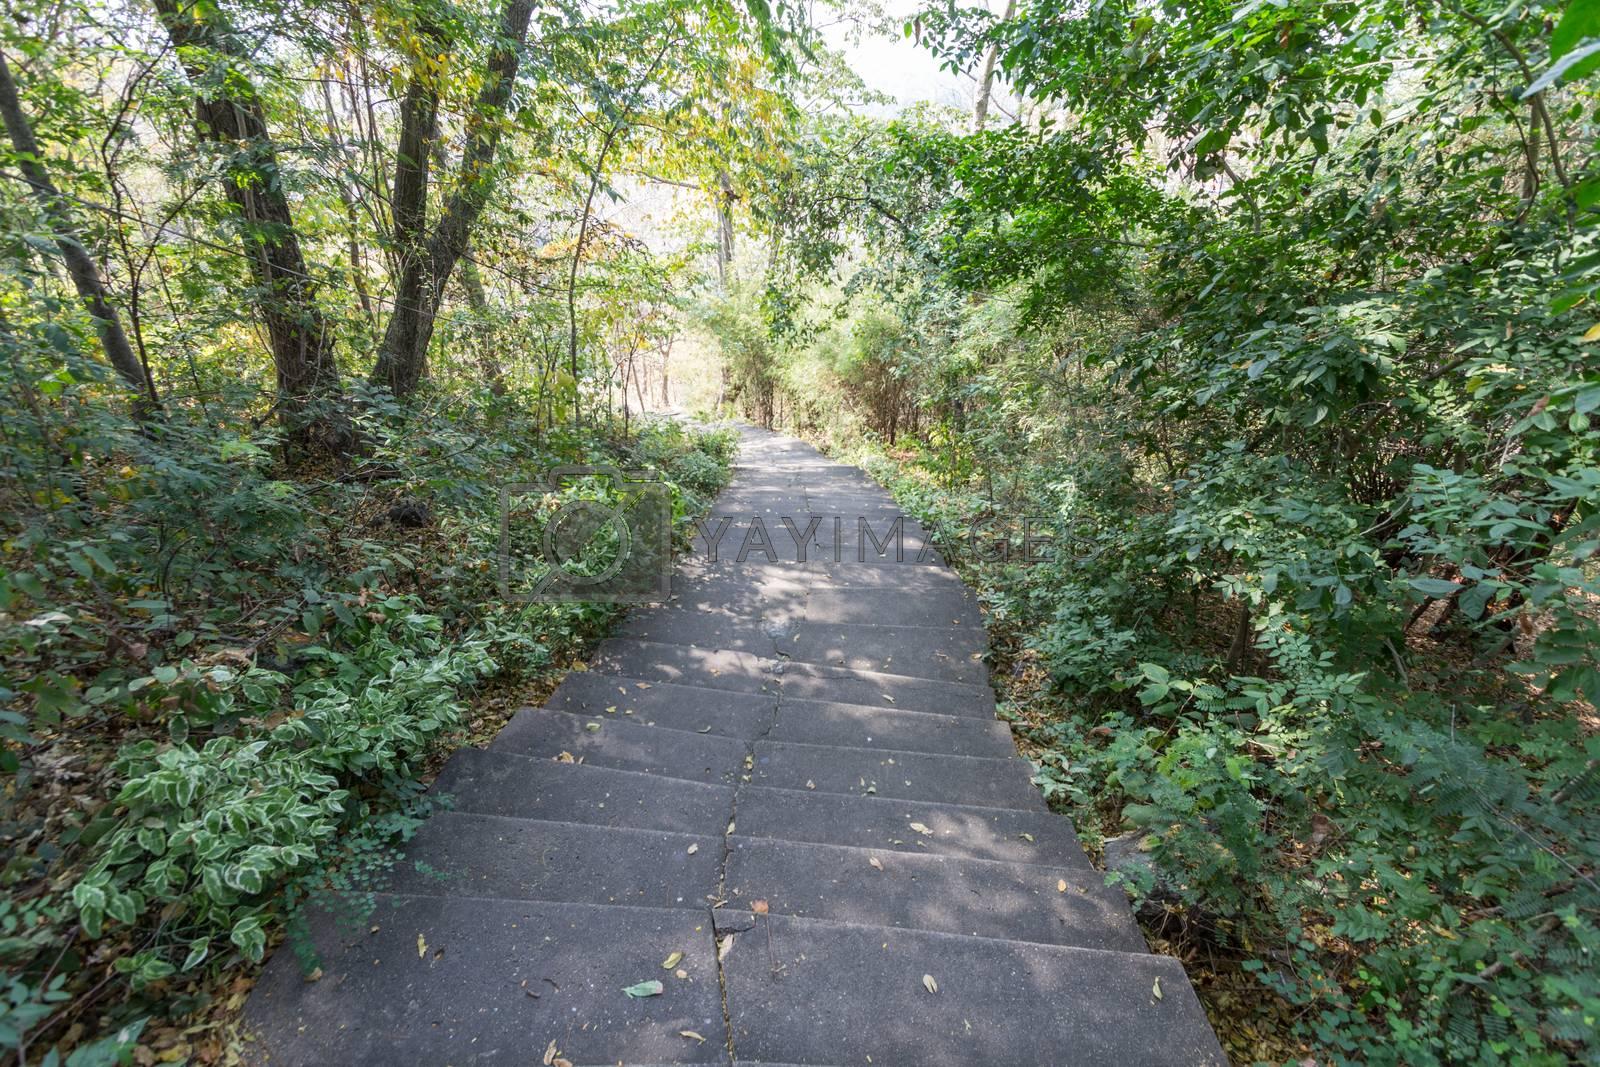 Royalty free image of green path by kritsada1992